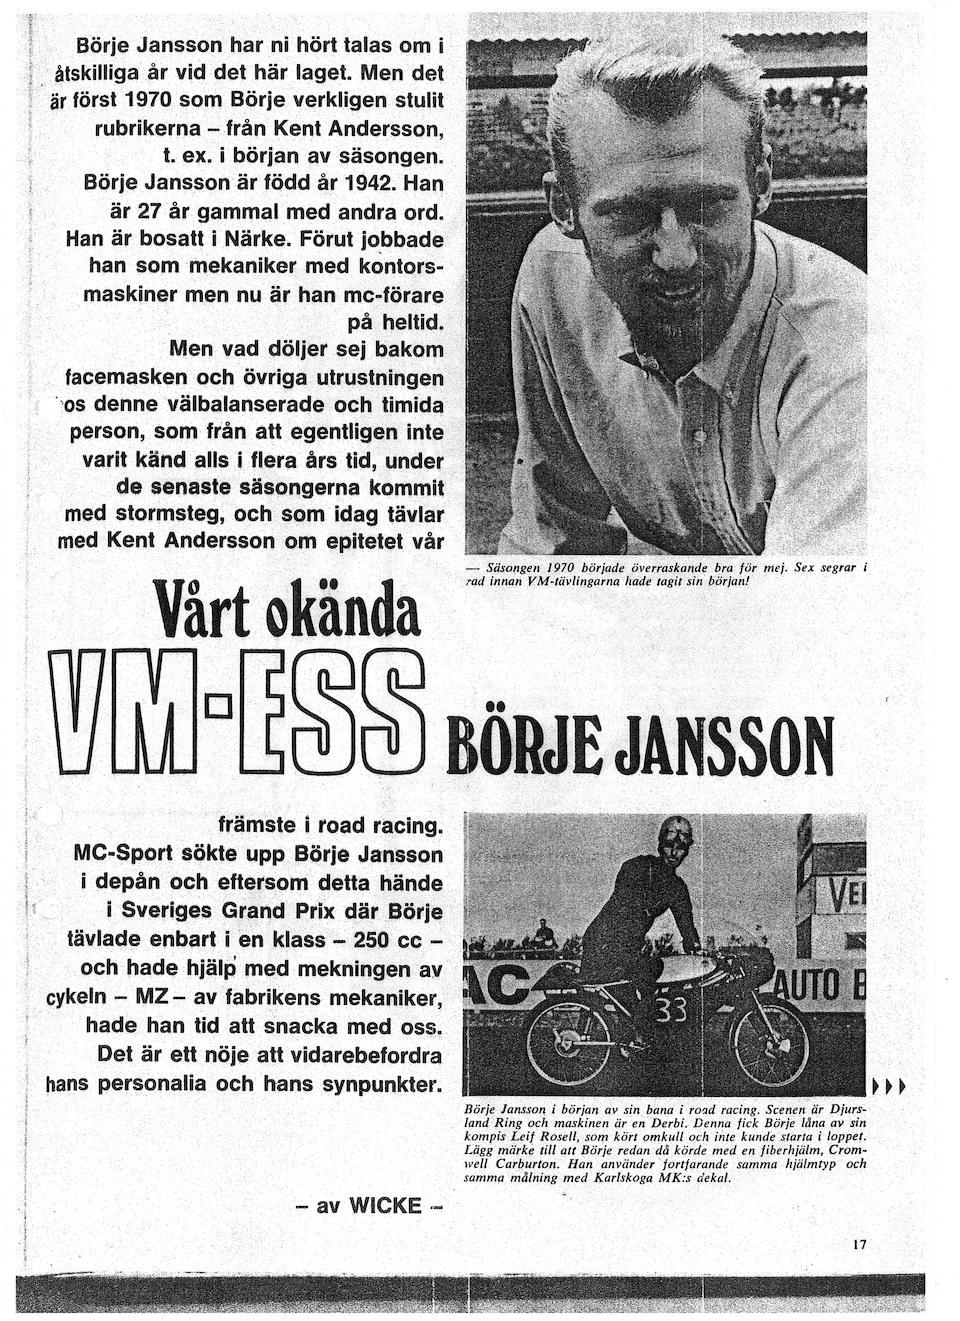 ex Börje Jansson, Leif Rosell, Kent Andersson, Derbi 50 cm3 « Carreras Cliente » Grand Prix de course 1965  Frame no. illisible (voir texte) Engine no. SF8091